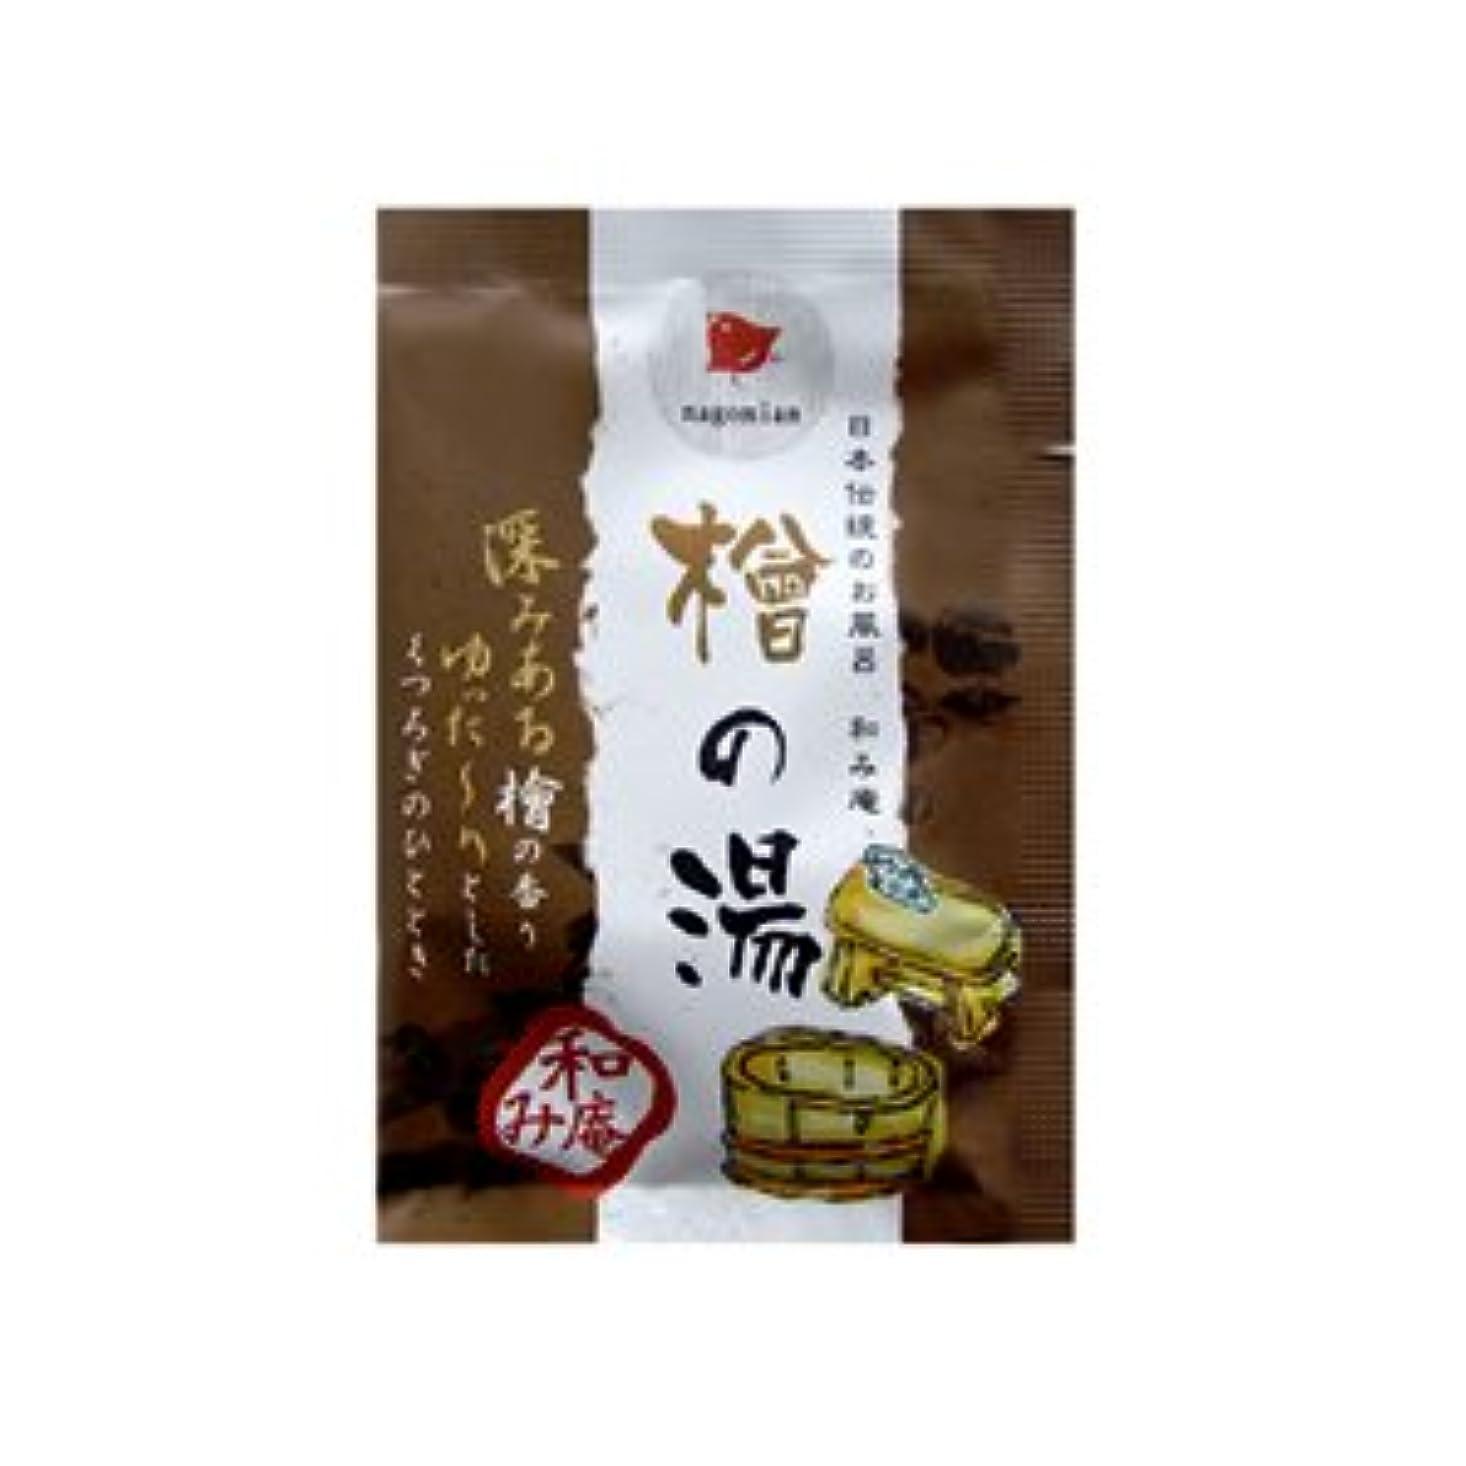 ペットダーベビルのテス共産主義日本伝統のお風呂 和み庵 檜の湯 25g 1包